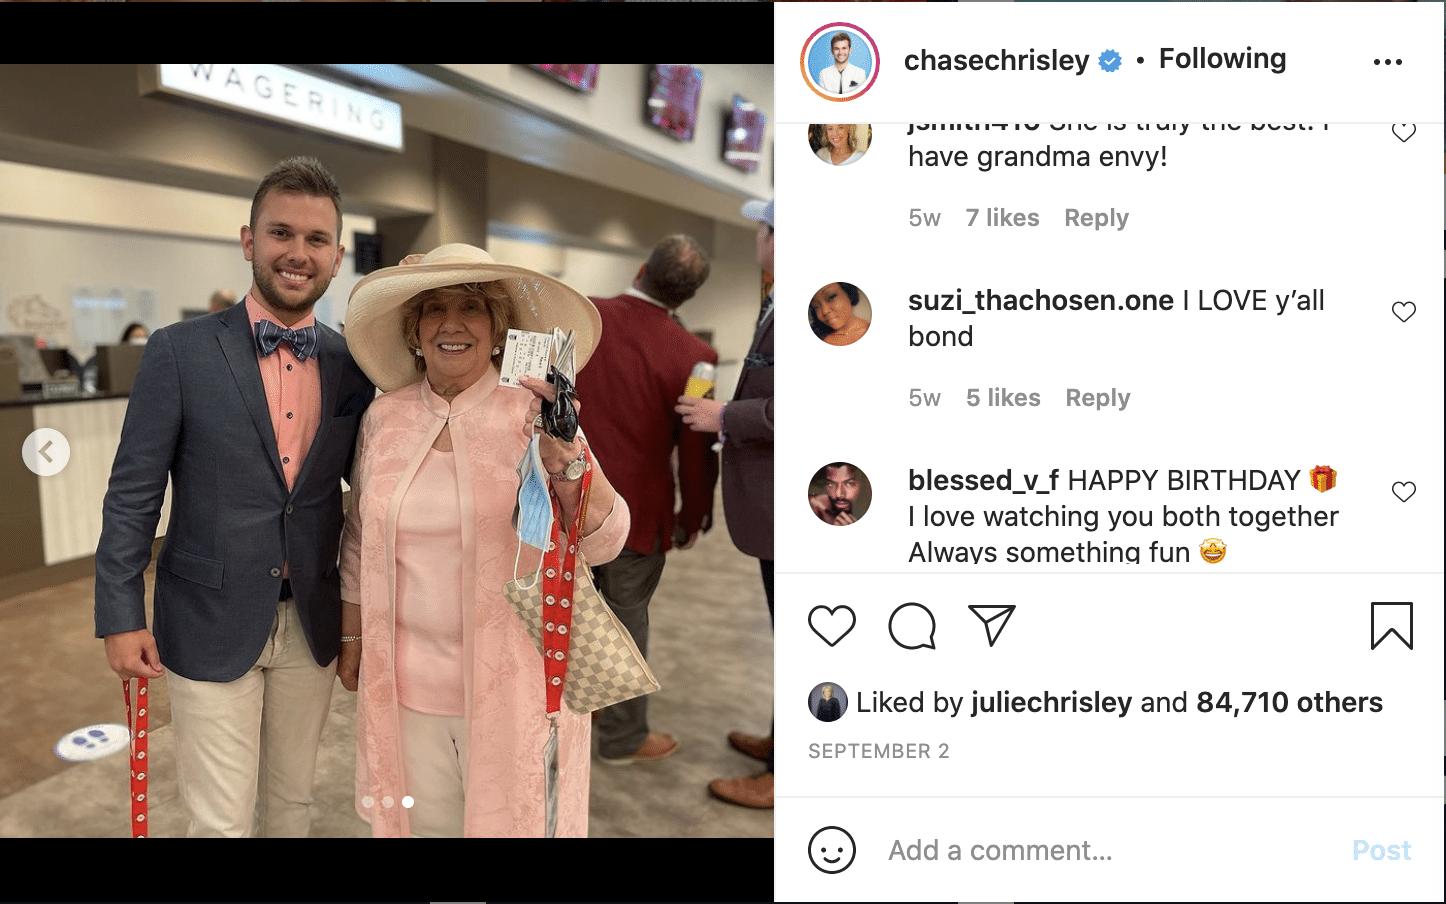 Chrisley Knows Best Chase Chrisley, Nanny Faye Chrisley